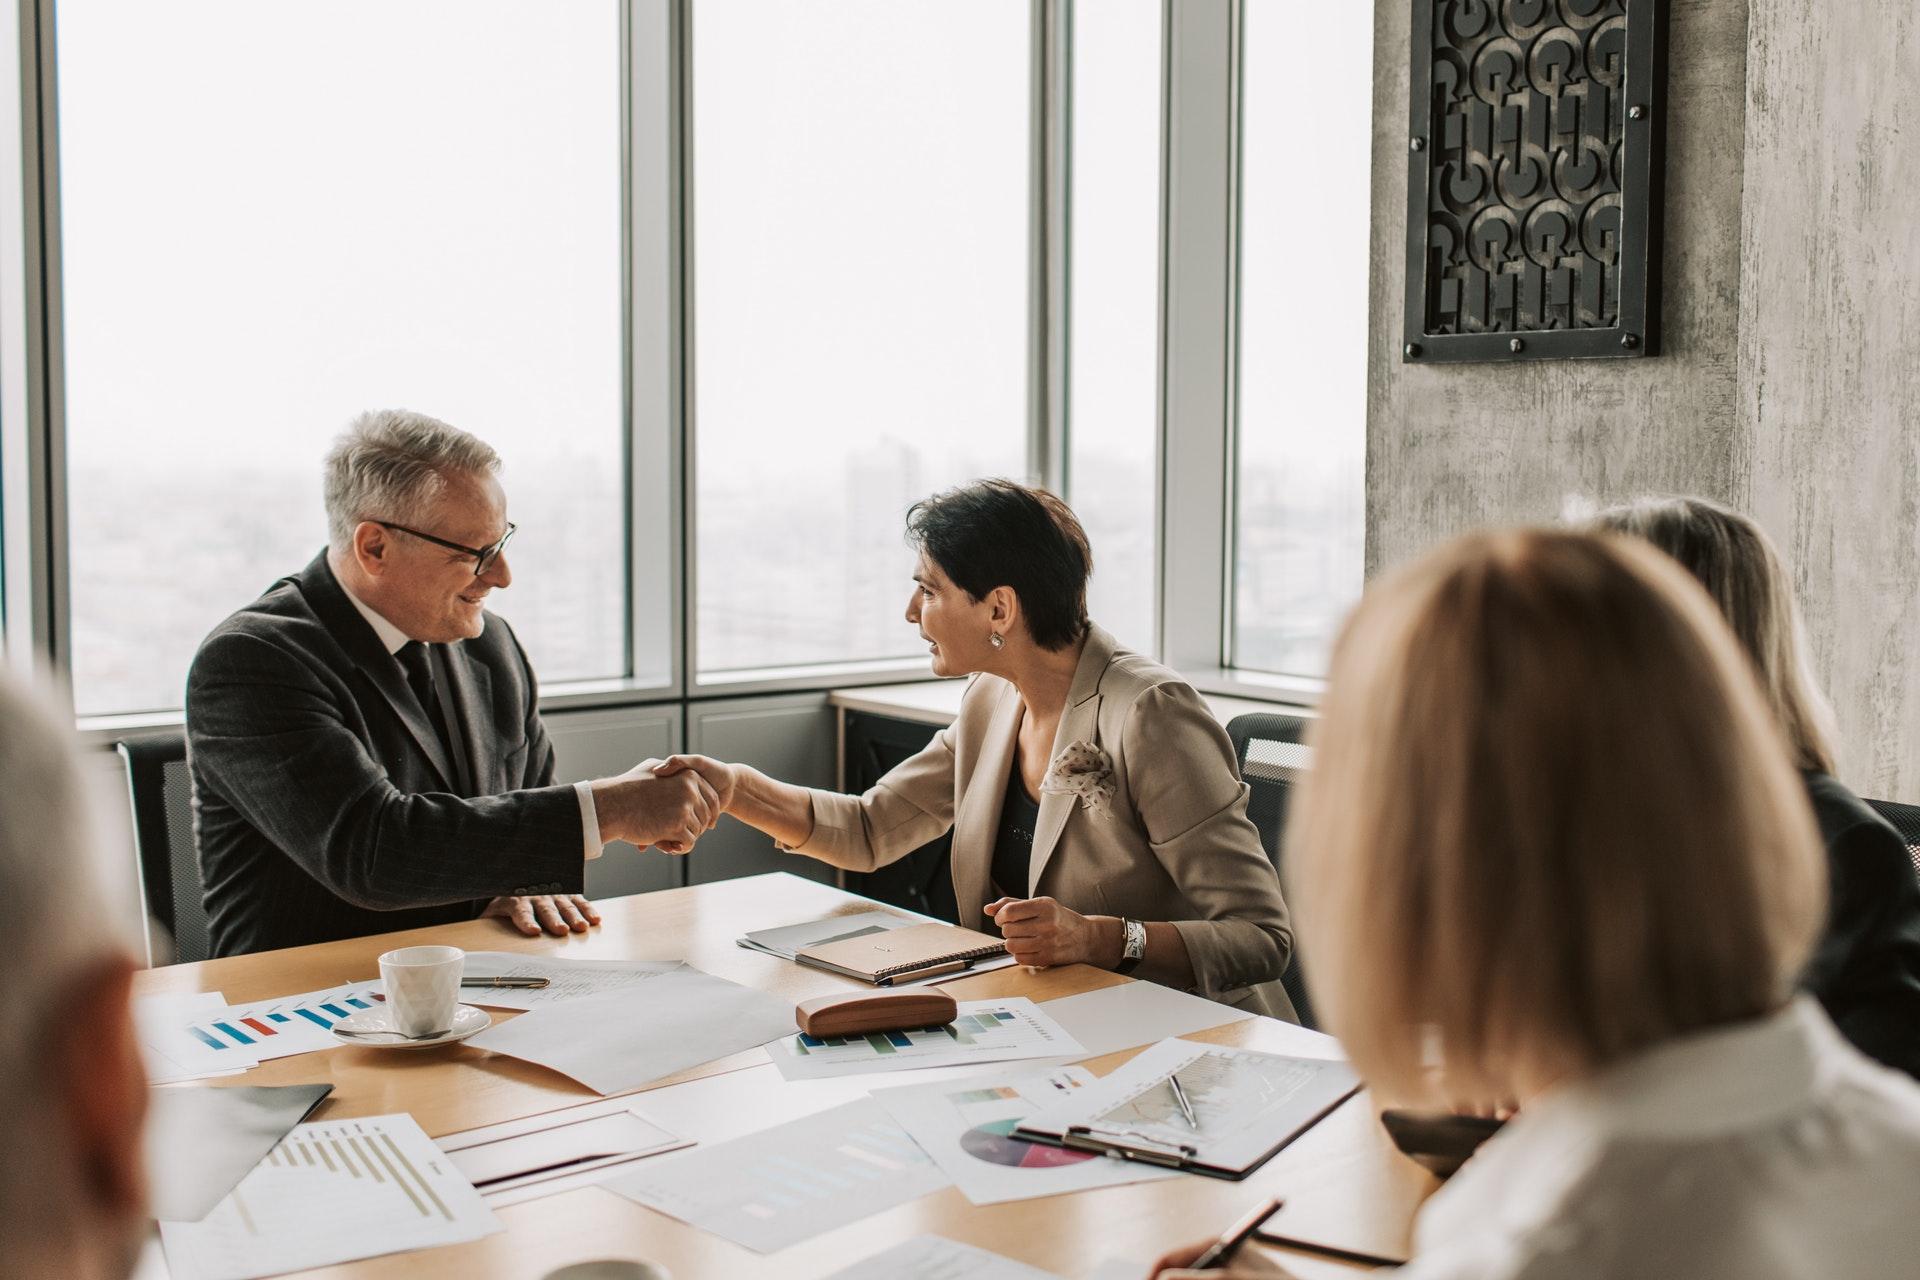 Imagem de duas pessoas fechando negócio em uma mesa de reuniões se cumprimentando. Imagem ilustrativa texto franquias boas e baratas 2022.